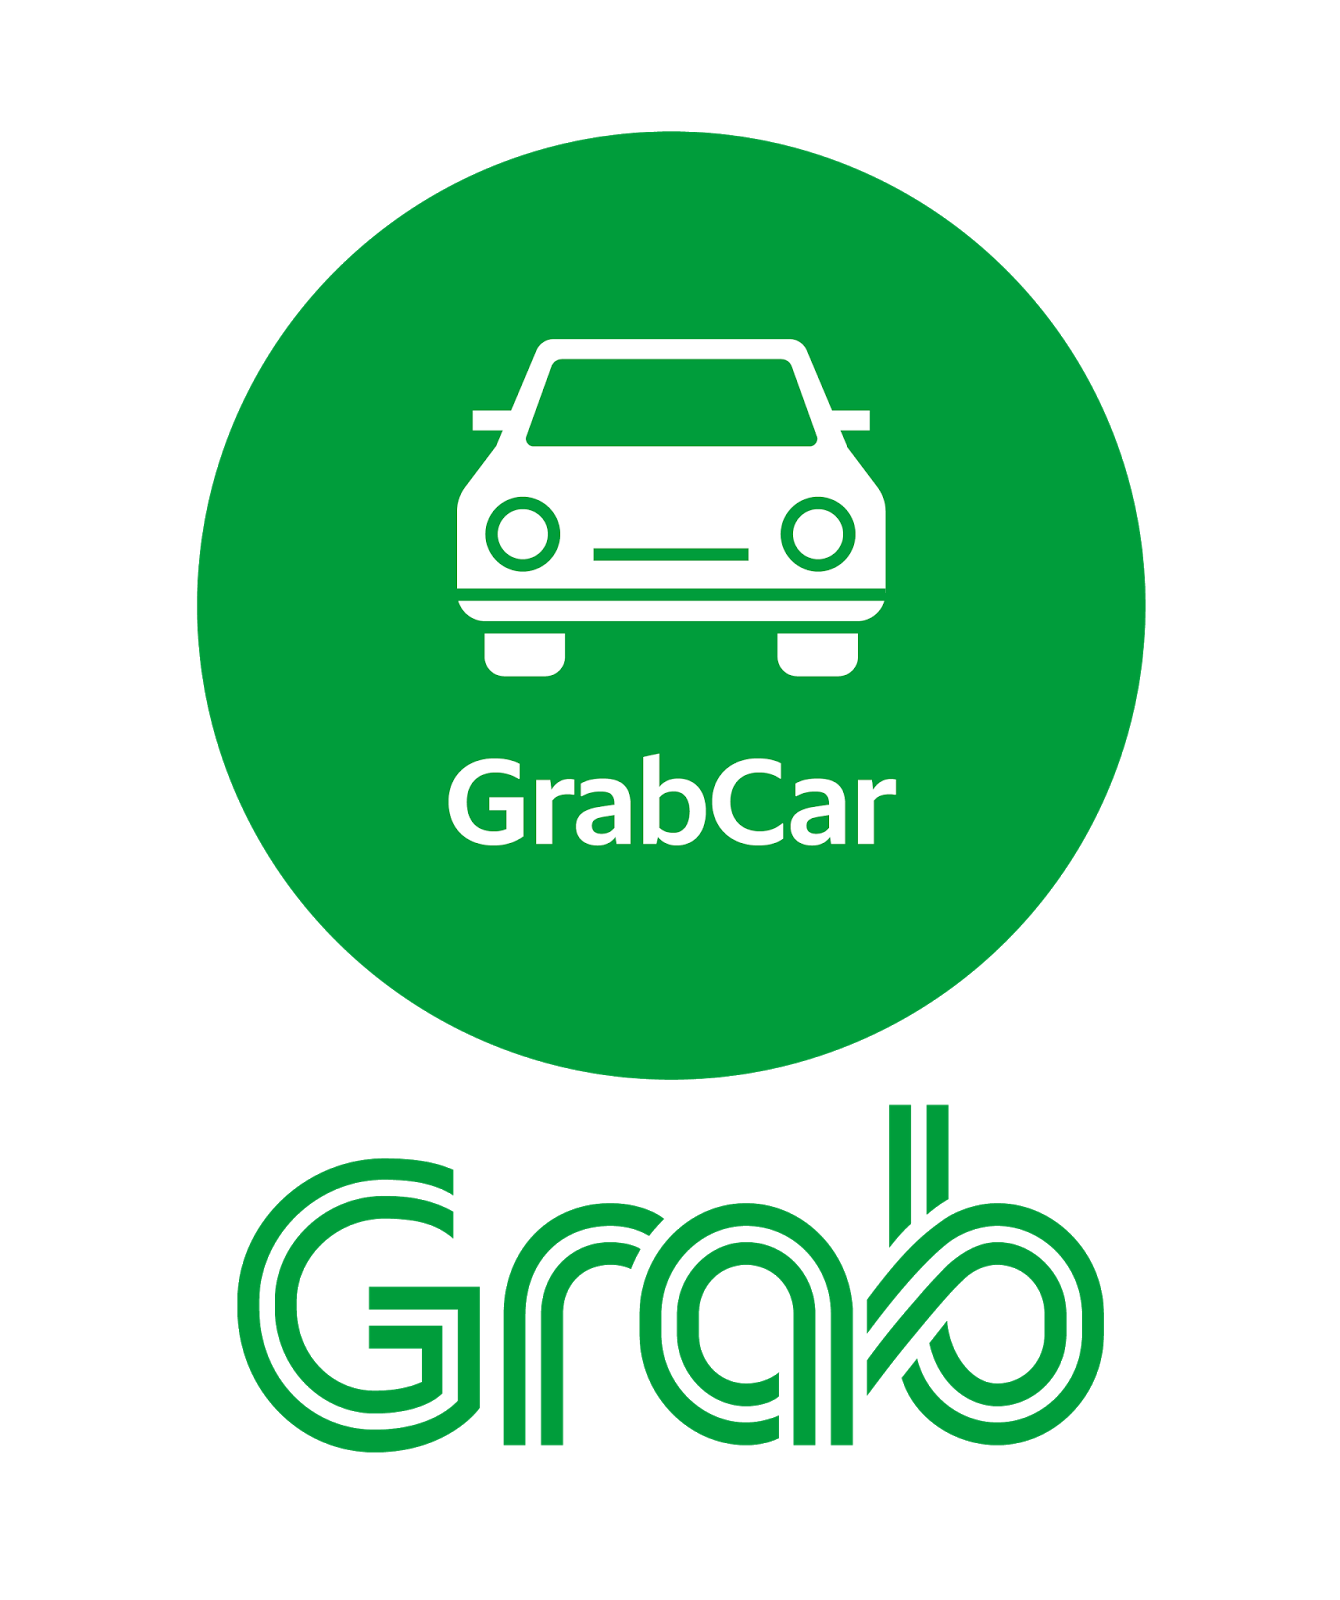 Grab Promo Code Rm4 Off 5 Grabcar Rides In Kuantan Until